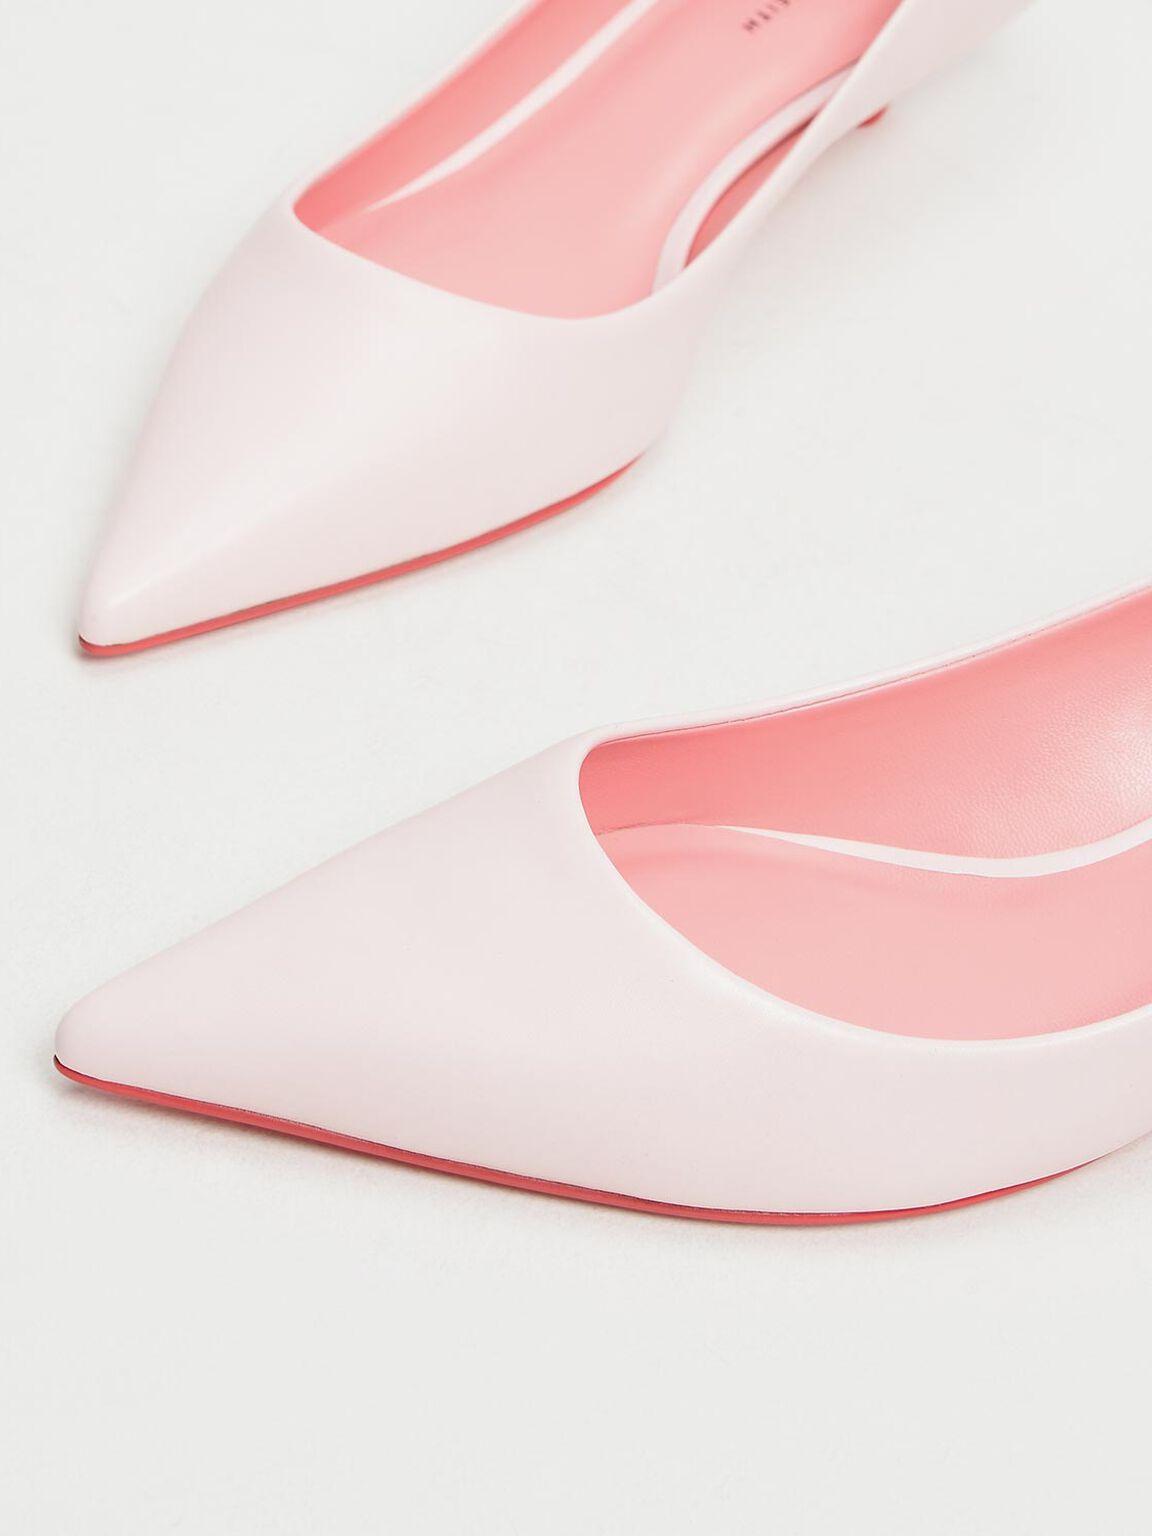 Classic Kitten Heel Pumps, Light Pink, hi-res